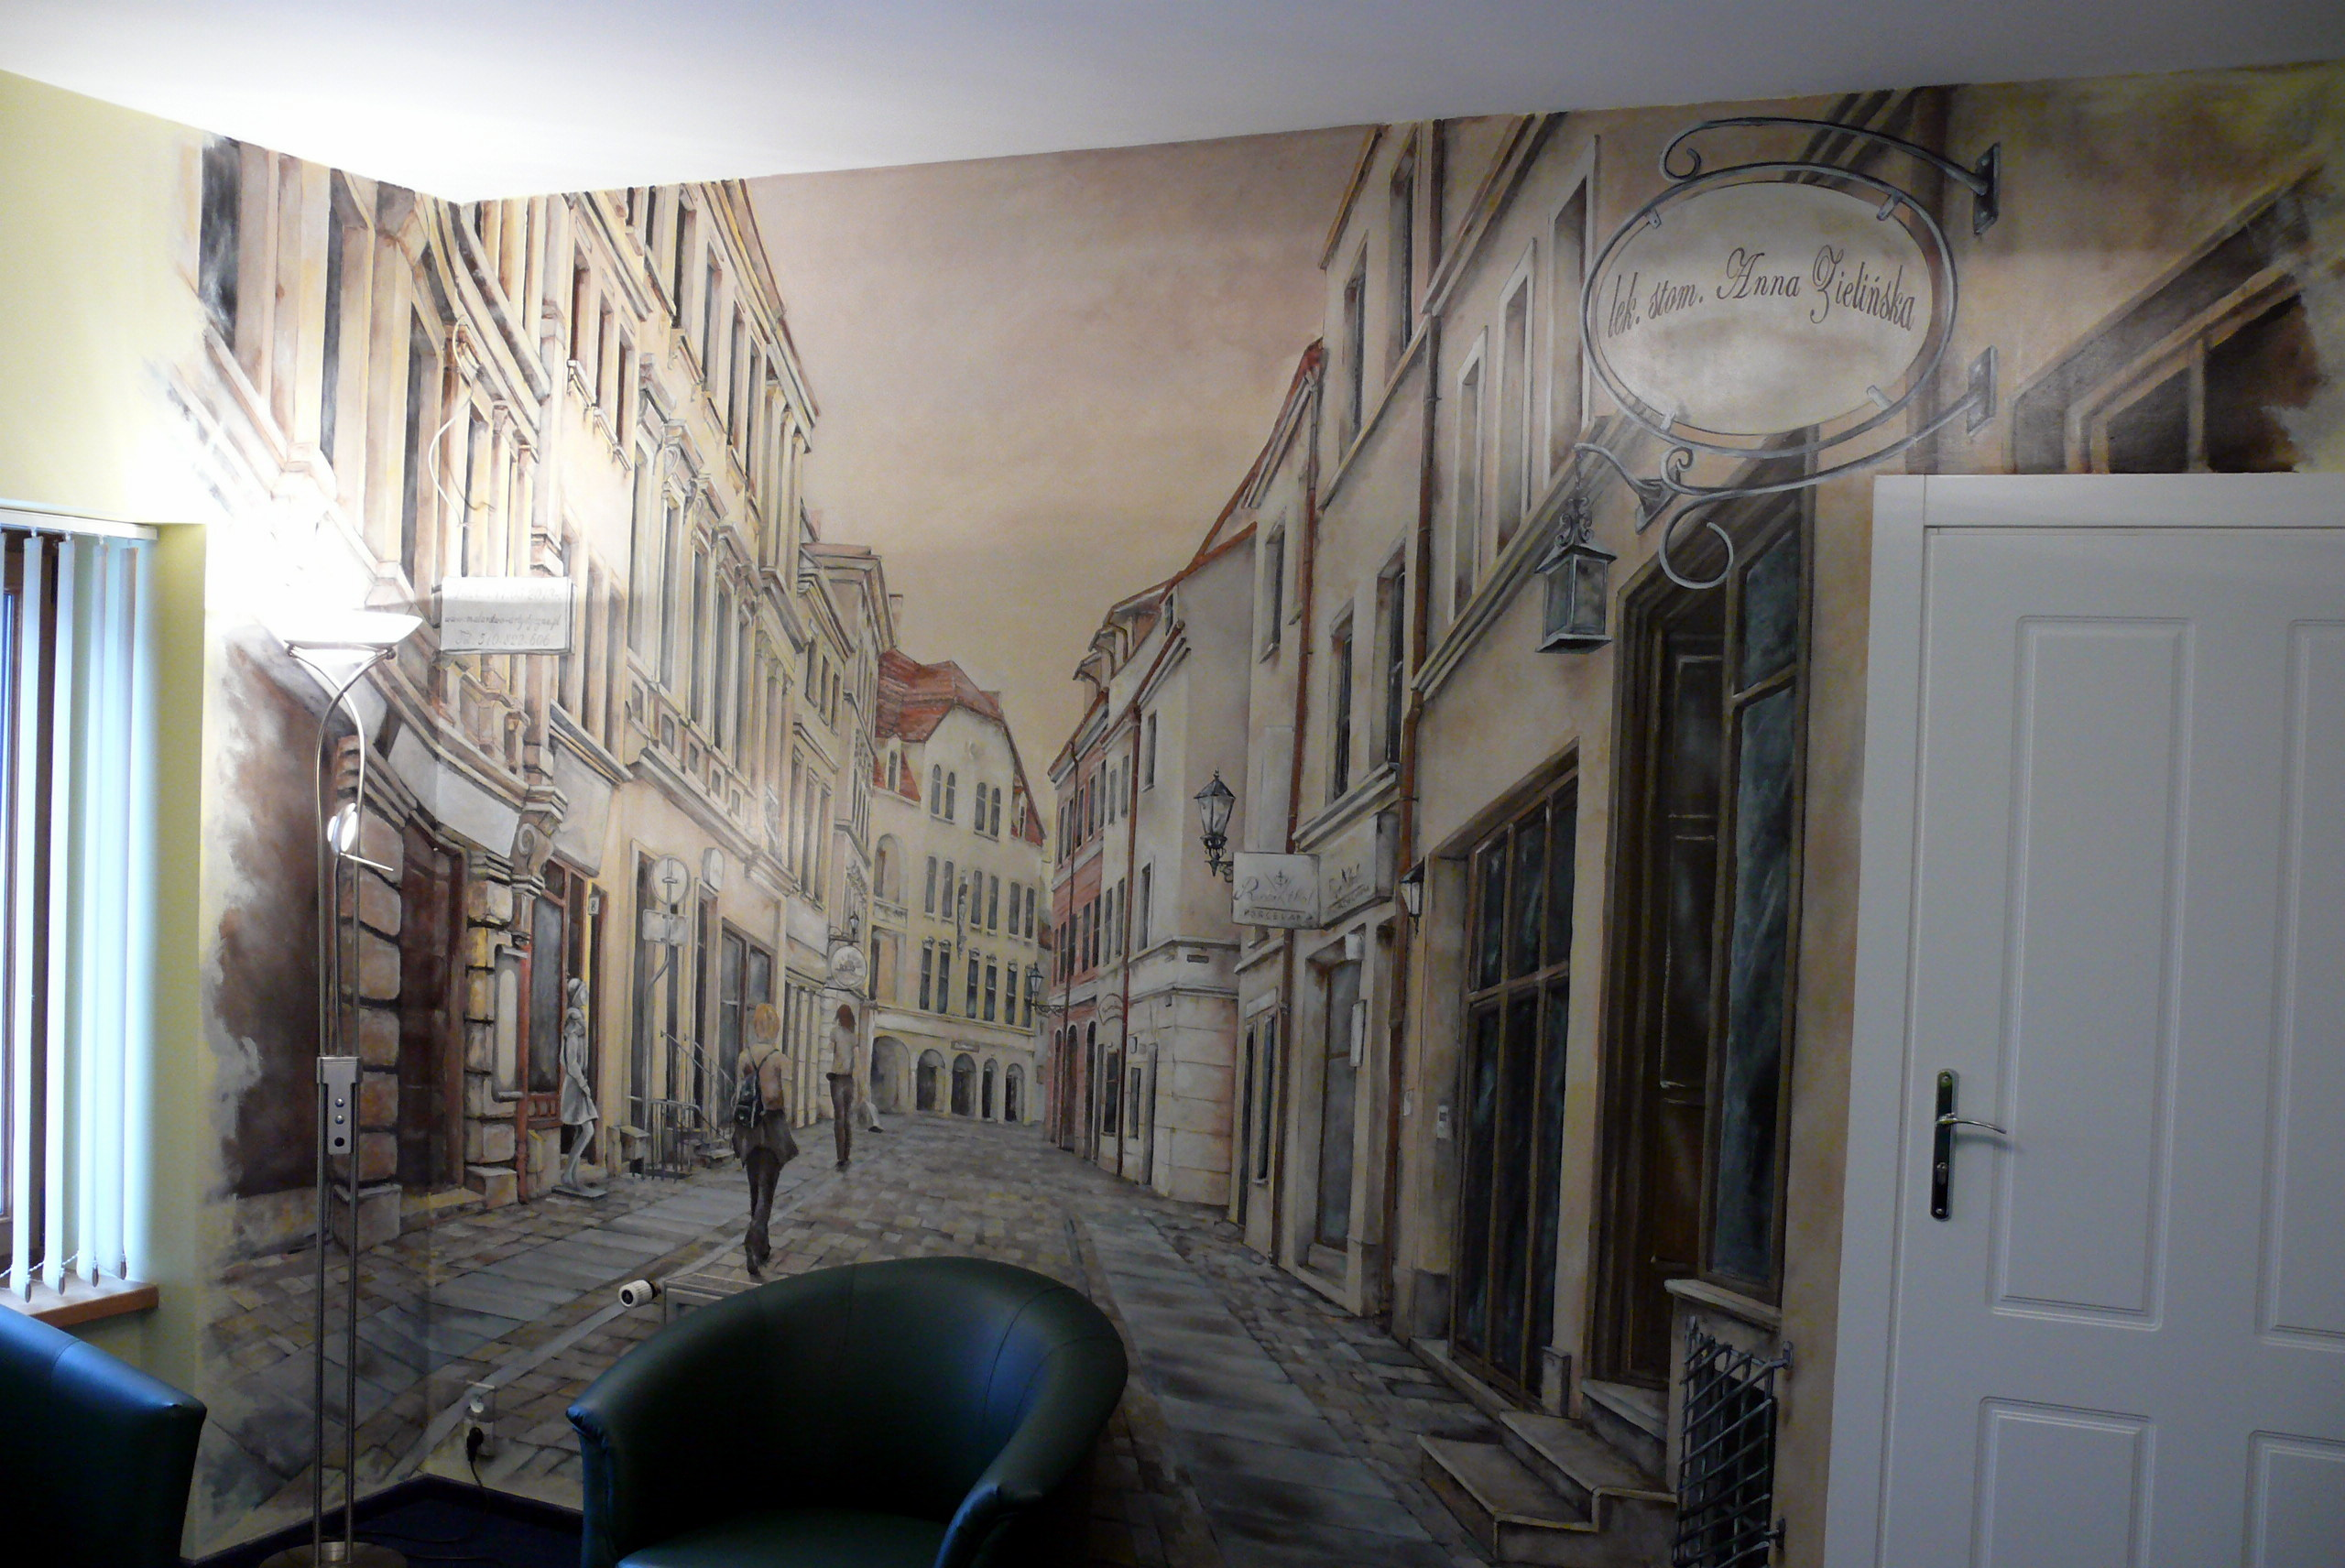 Artystyczne malowanie ściany w biurze